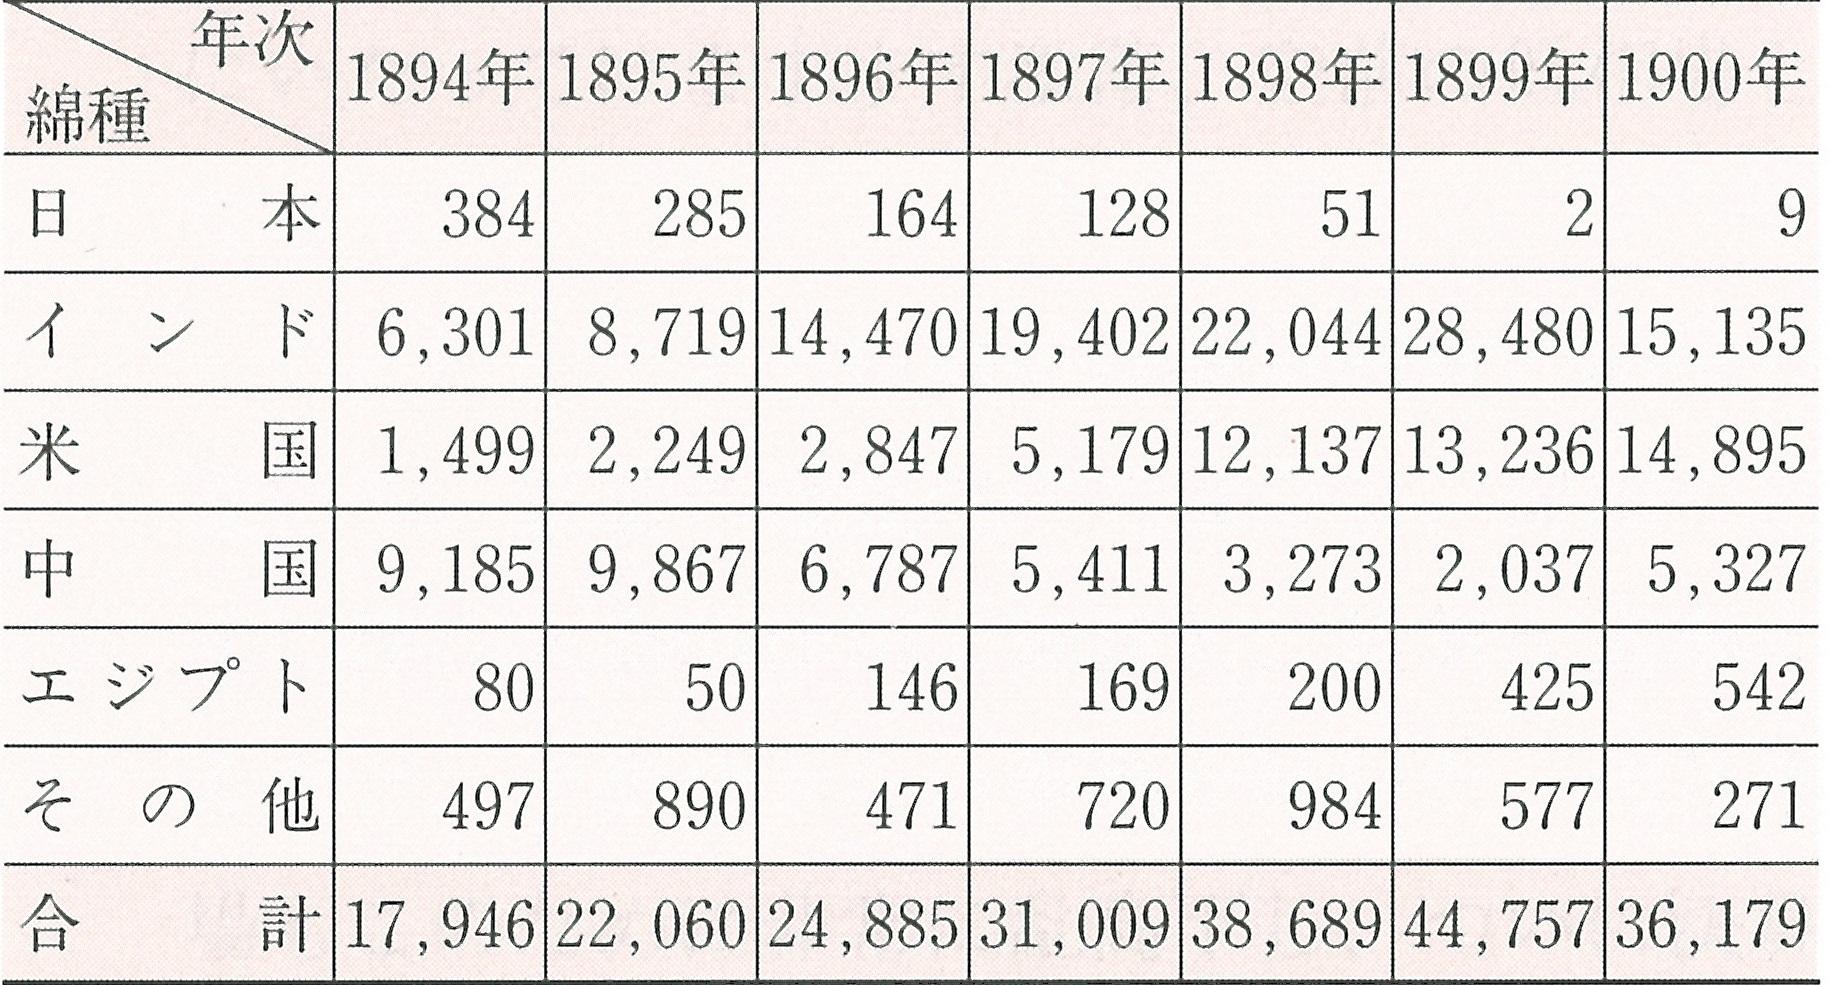 日本綿花】綿花調達の開始~インド・米国・中国・エジプトへ | 双日歴史館